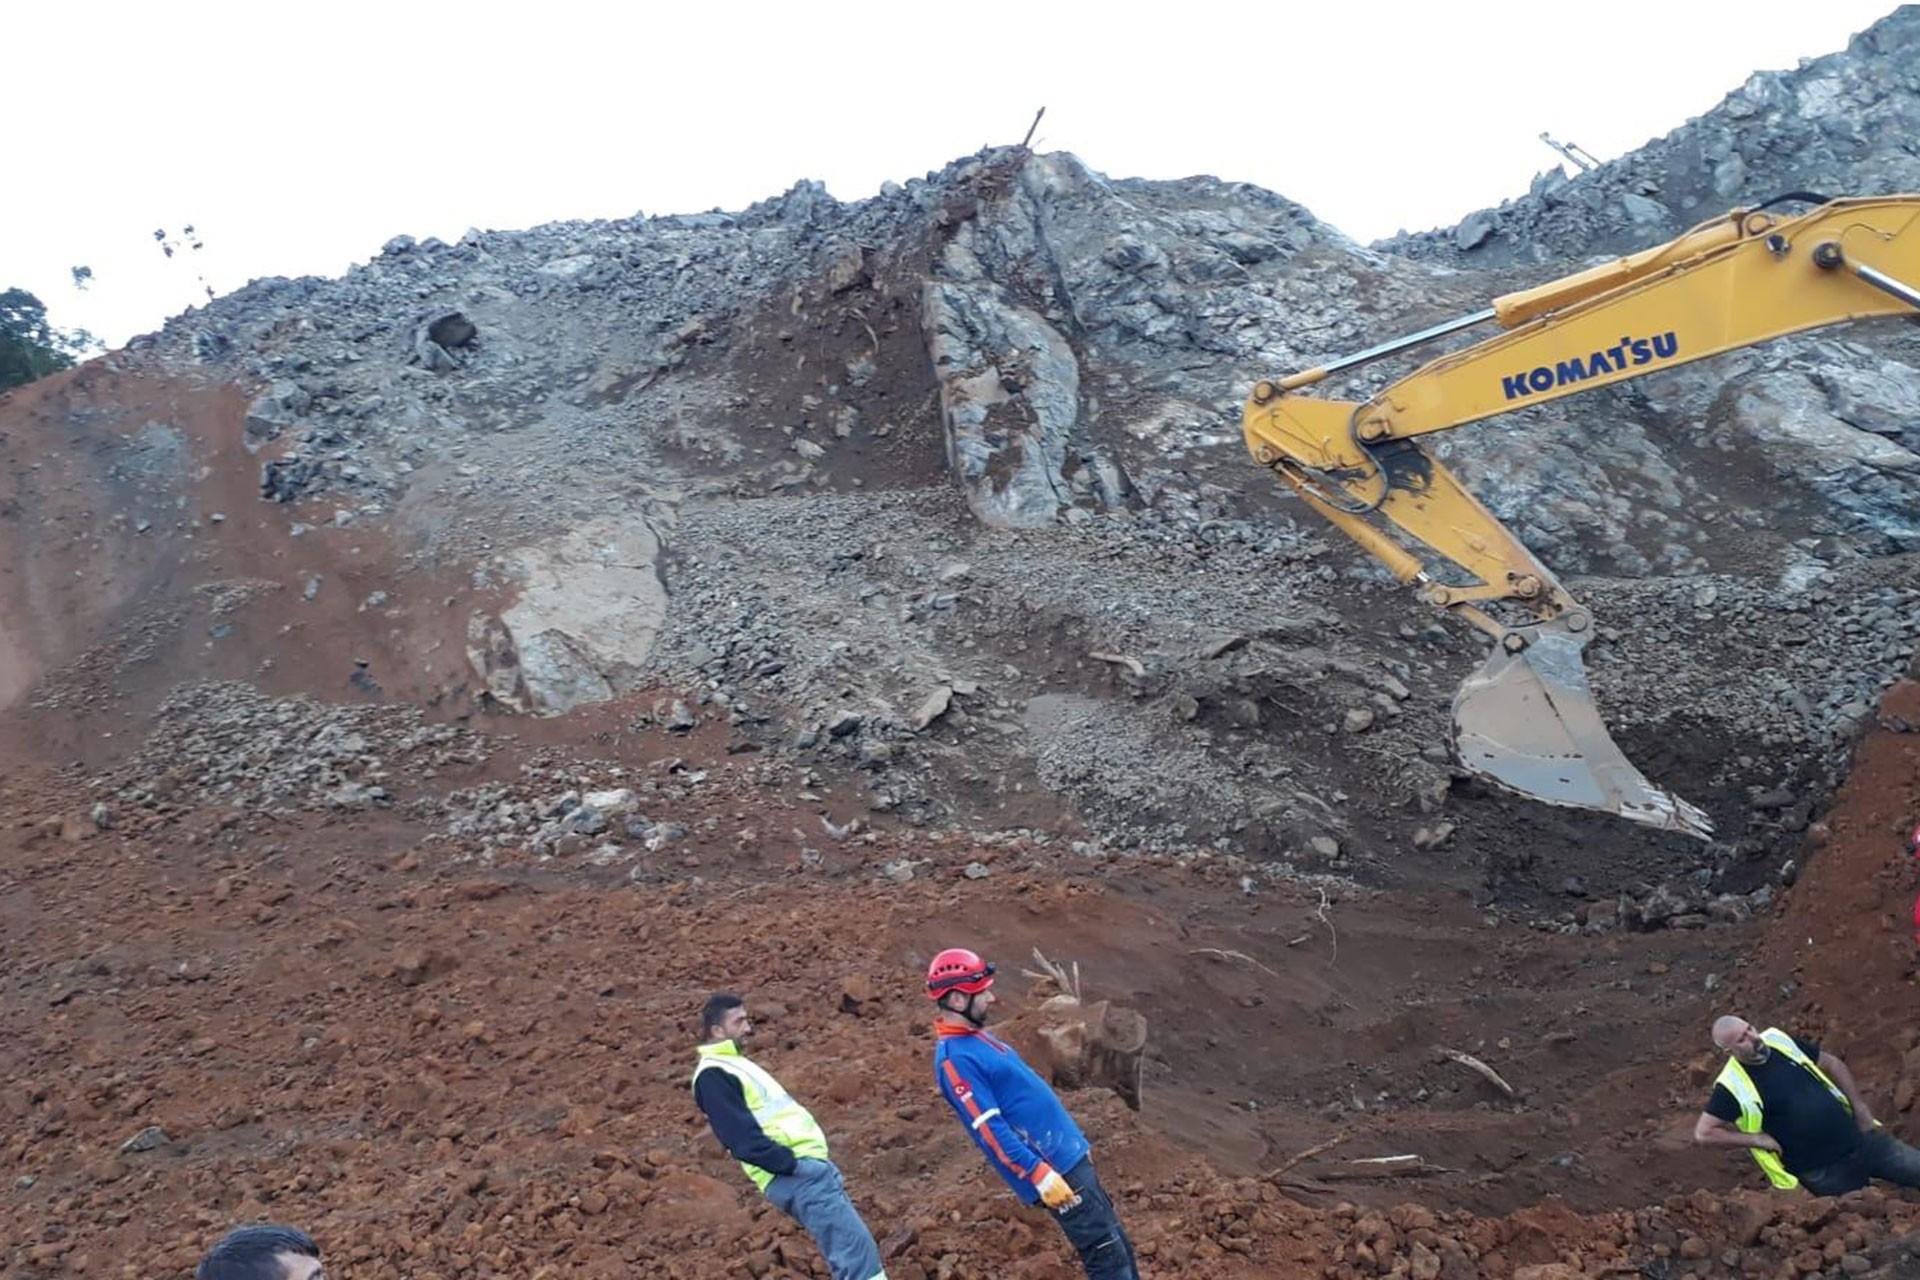 Rize'de dolgu havalimanı inşaatındaki heyelanda bir işçi yaşamını yitirdi